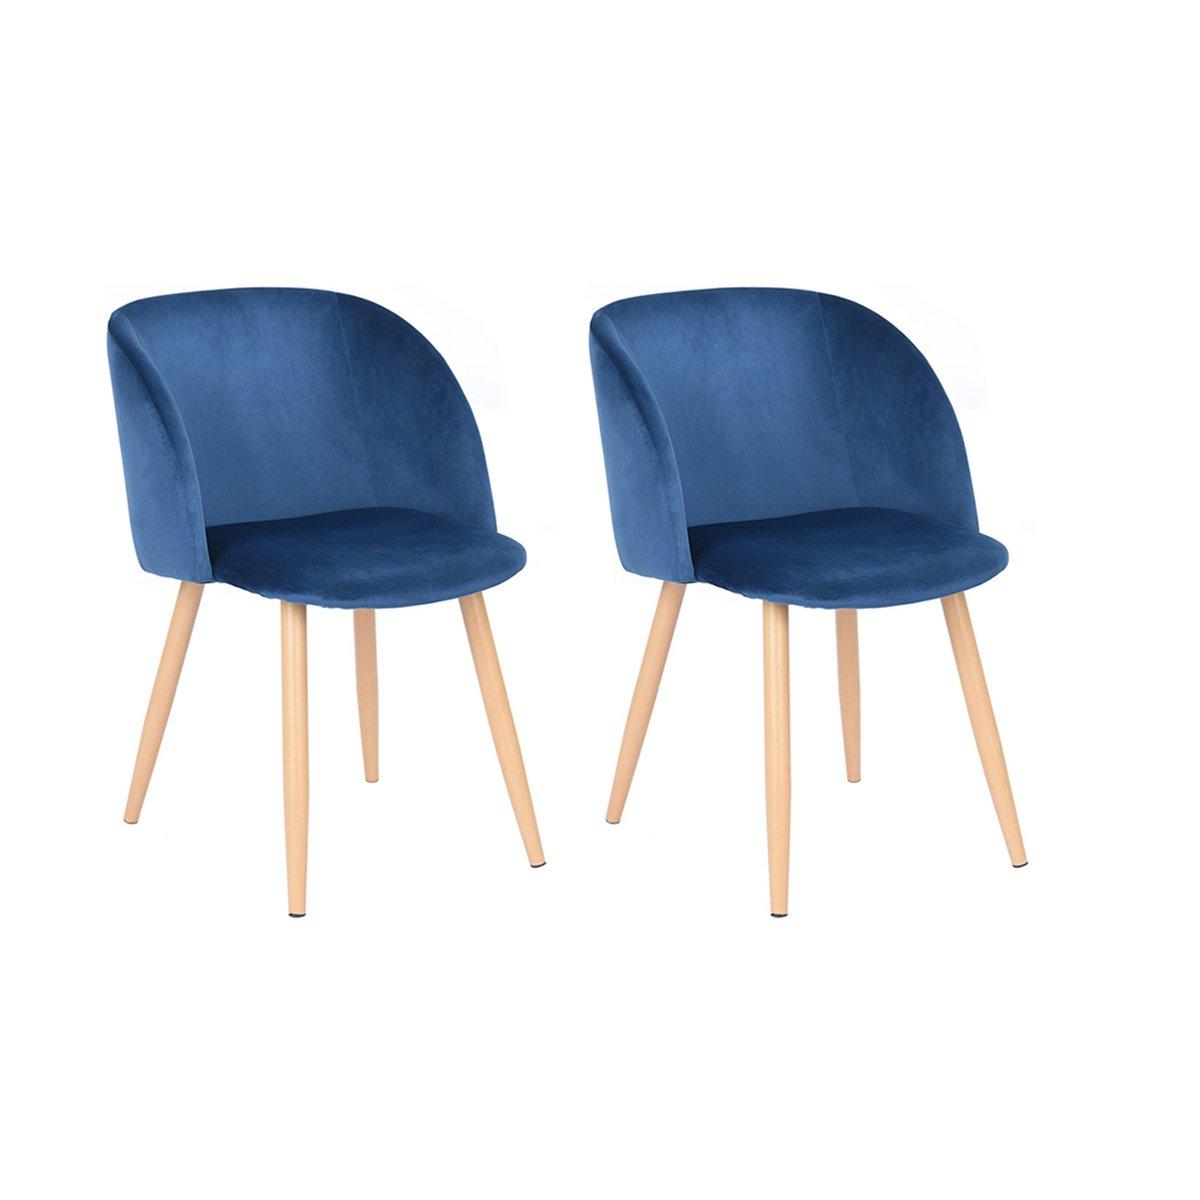 Fantastisch 2 Retro Samt Akzent Sessel Küche Stuhl Esszimmer Stühle Bürostühle Sessel  Blau